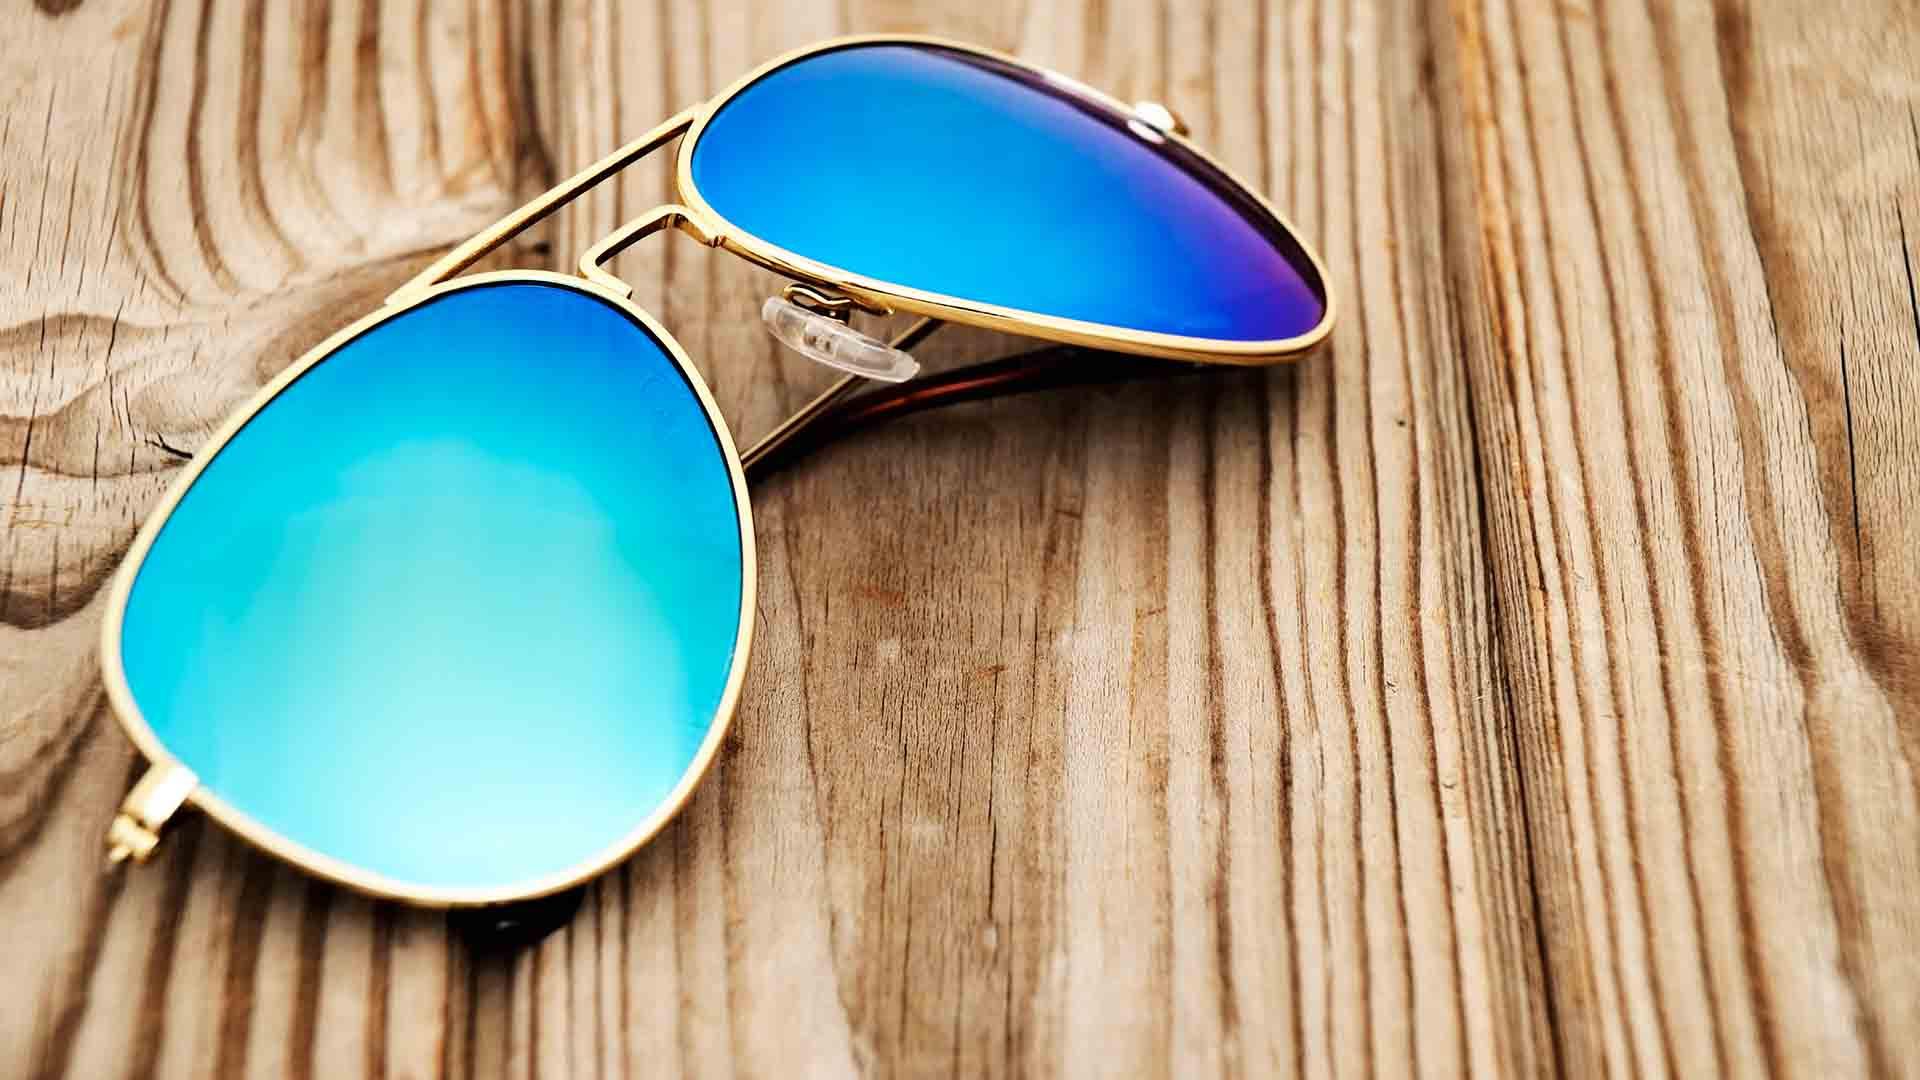 Occhiali da sole in metallo: lo stile retrò che piace a uomo e donna